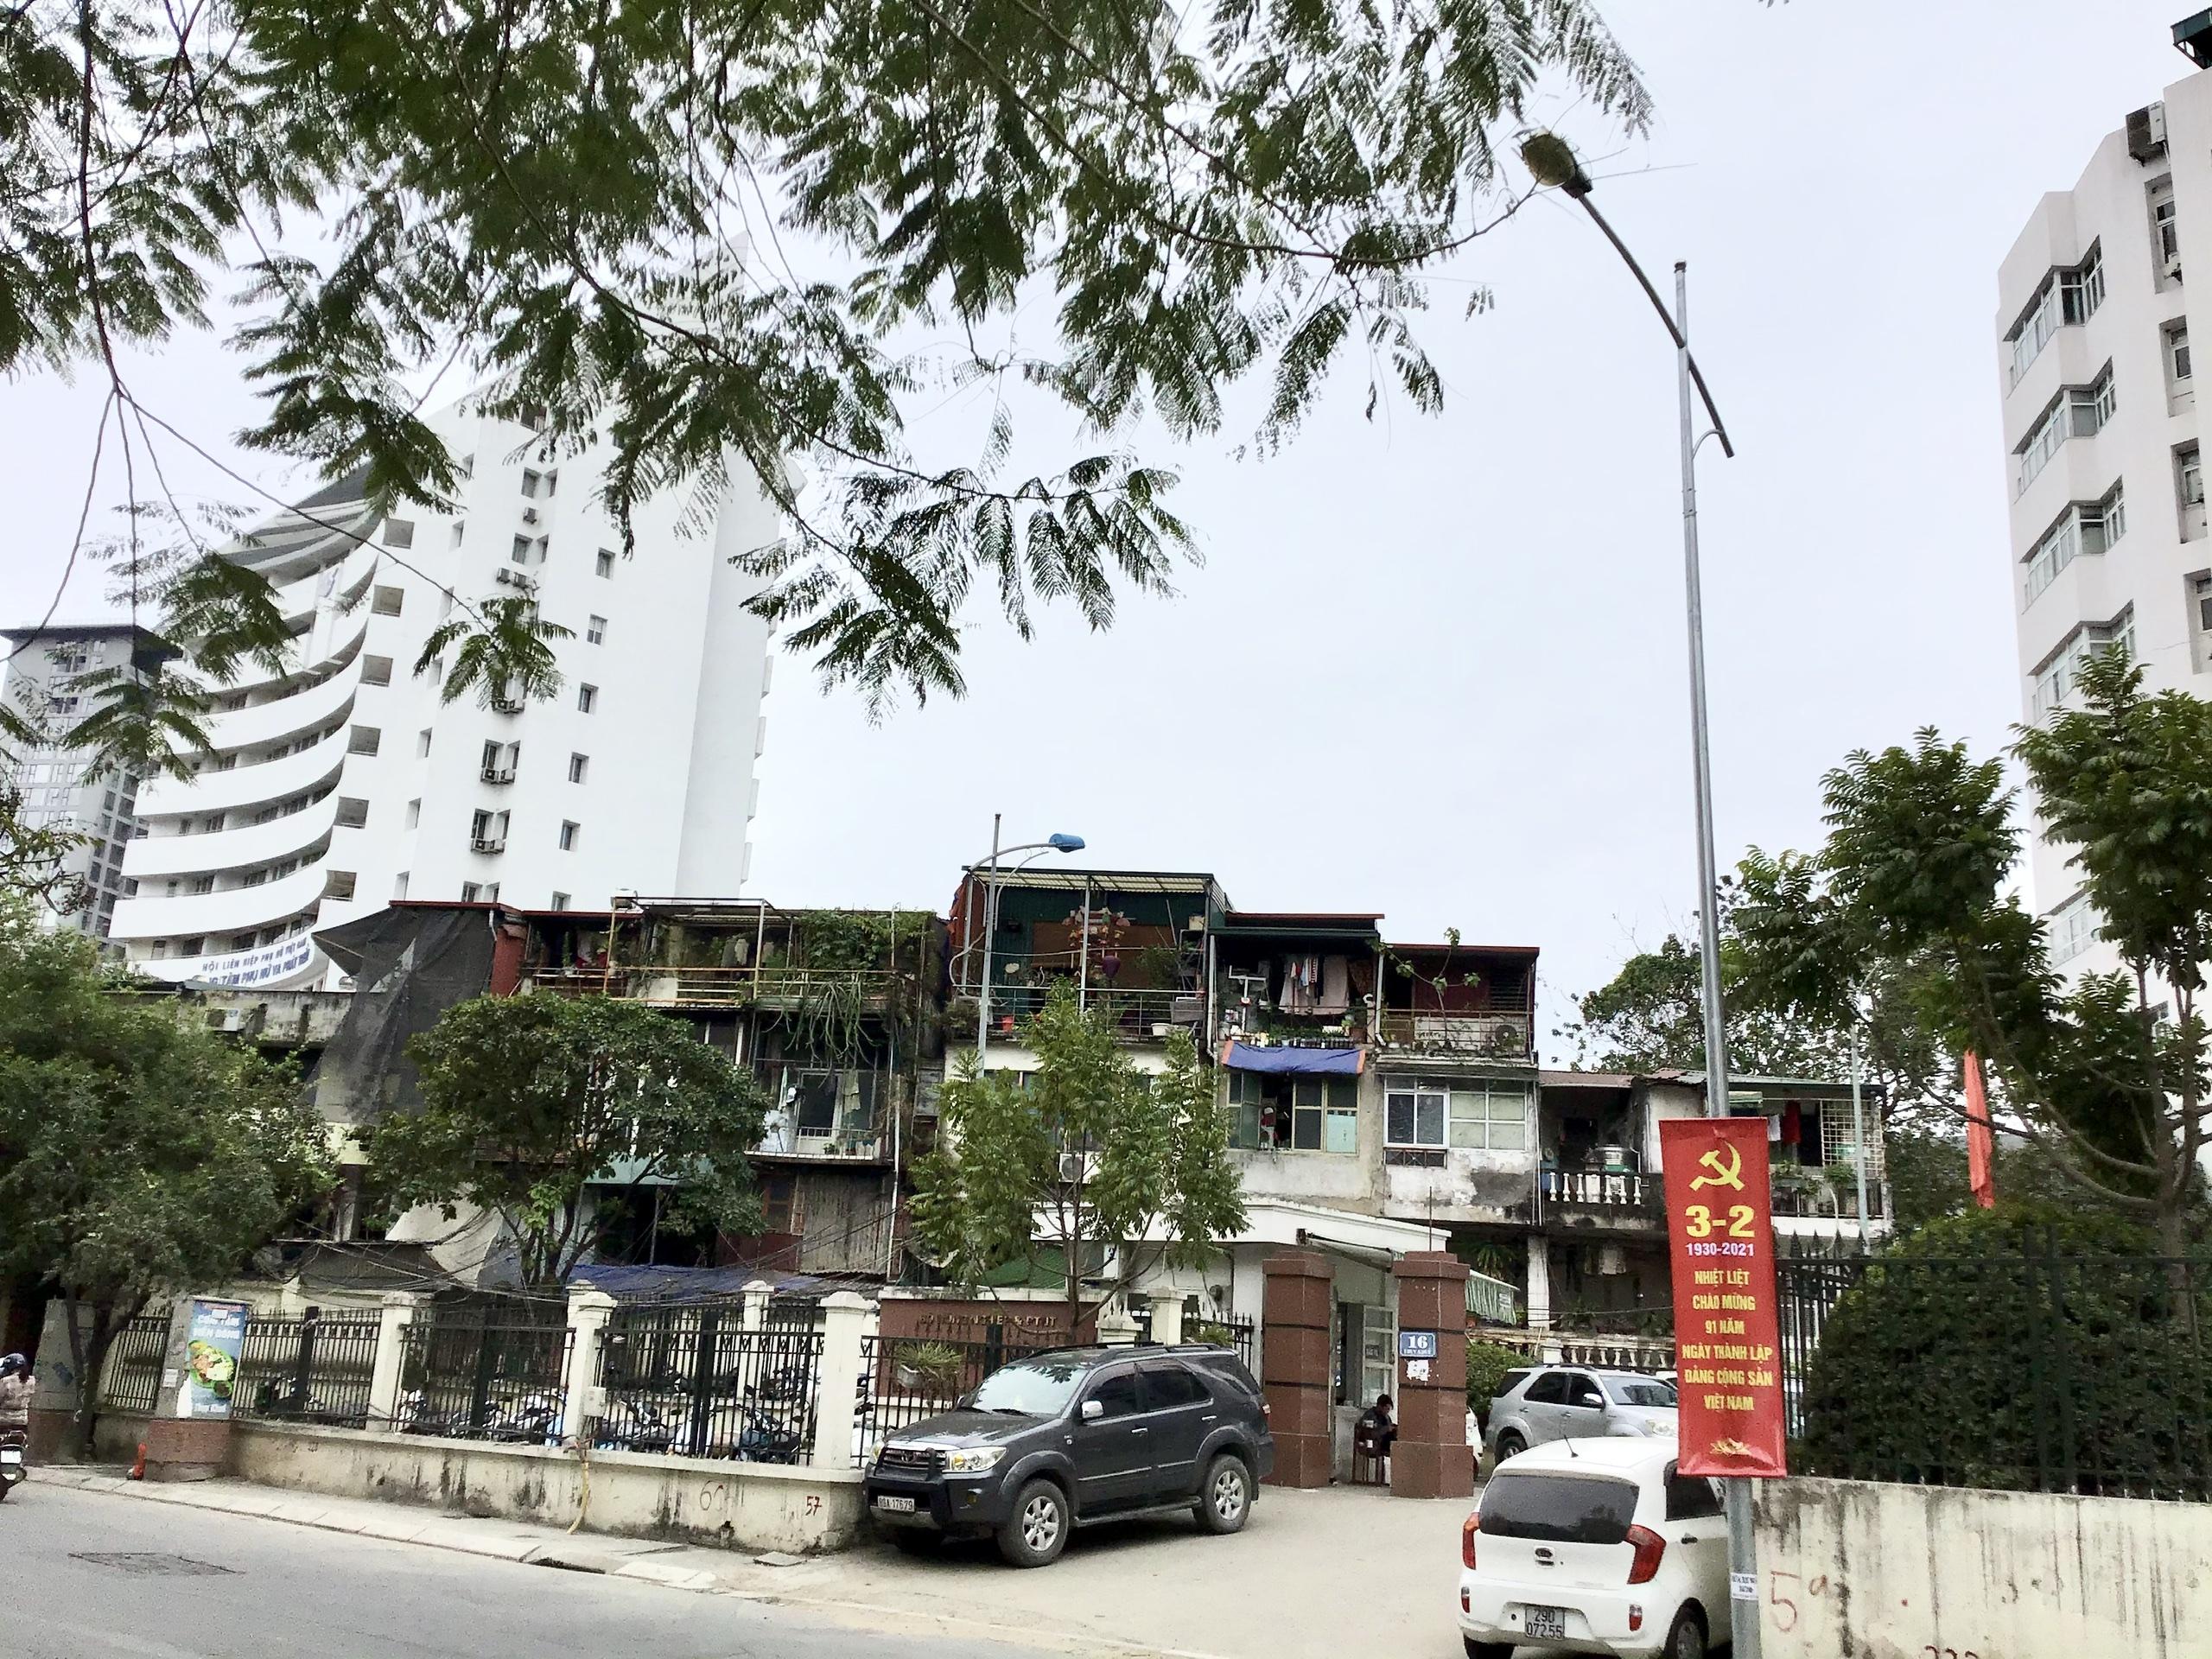 Ba khu đất dính quy hoạch tại phường Thụy Khuê, quận Tây Hồ, Hà Nội - Ảnh 4.